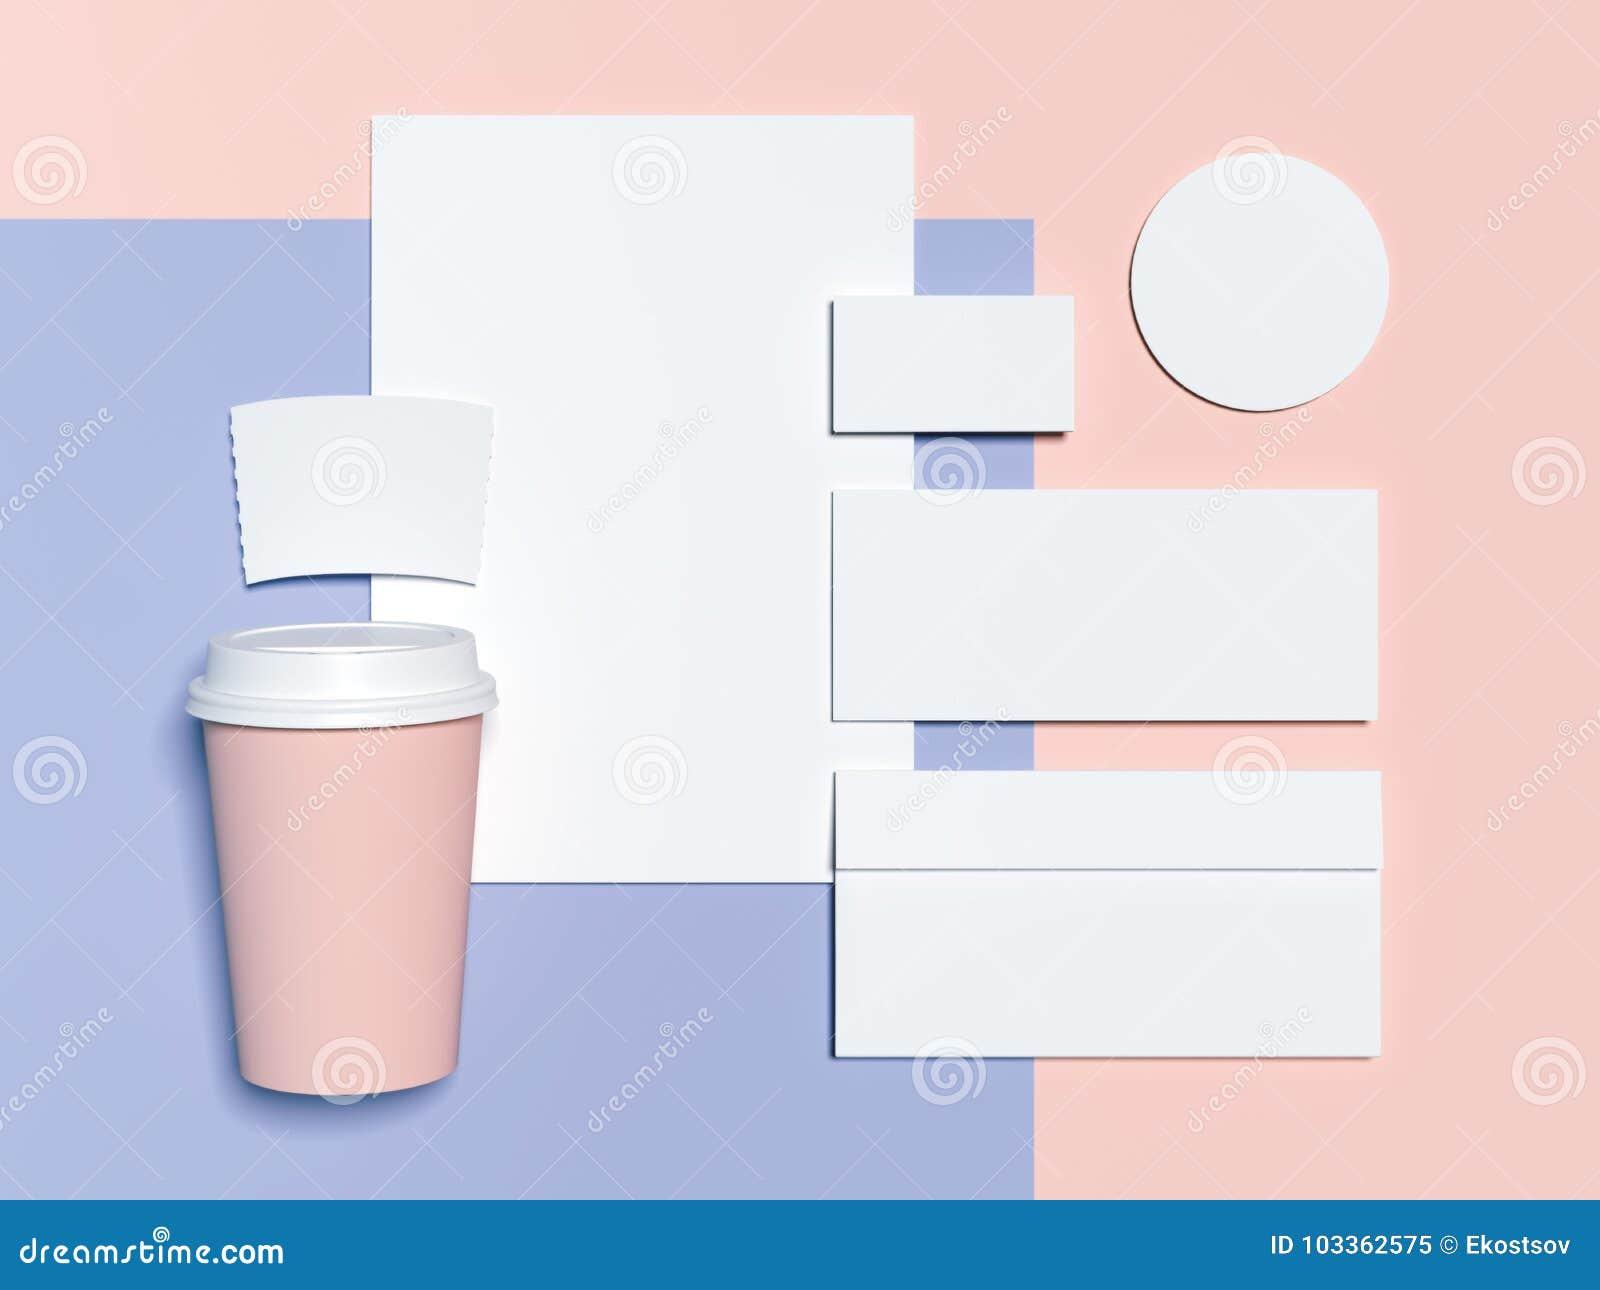 Maquette De Marquage A Chaud Bleu Rose Avec Les Pages Blanches Du Papier Lenveloppe Et Des Cartes Visite Professionnelle Rendu 3d